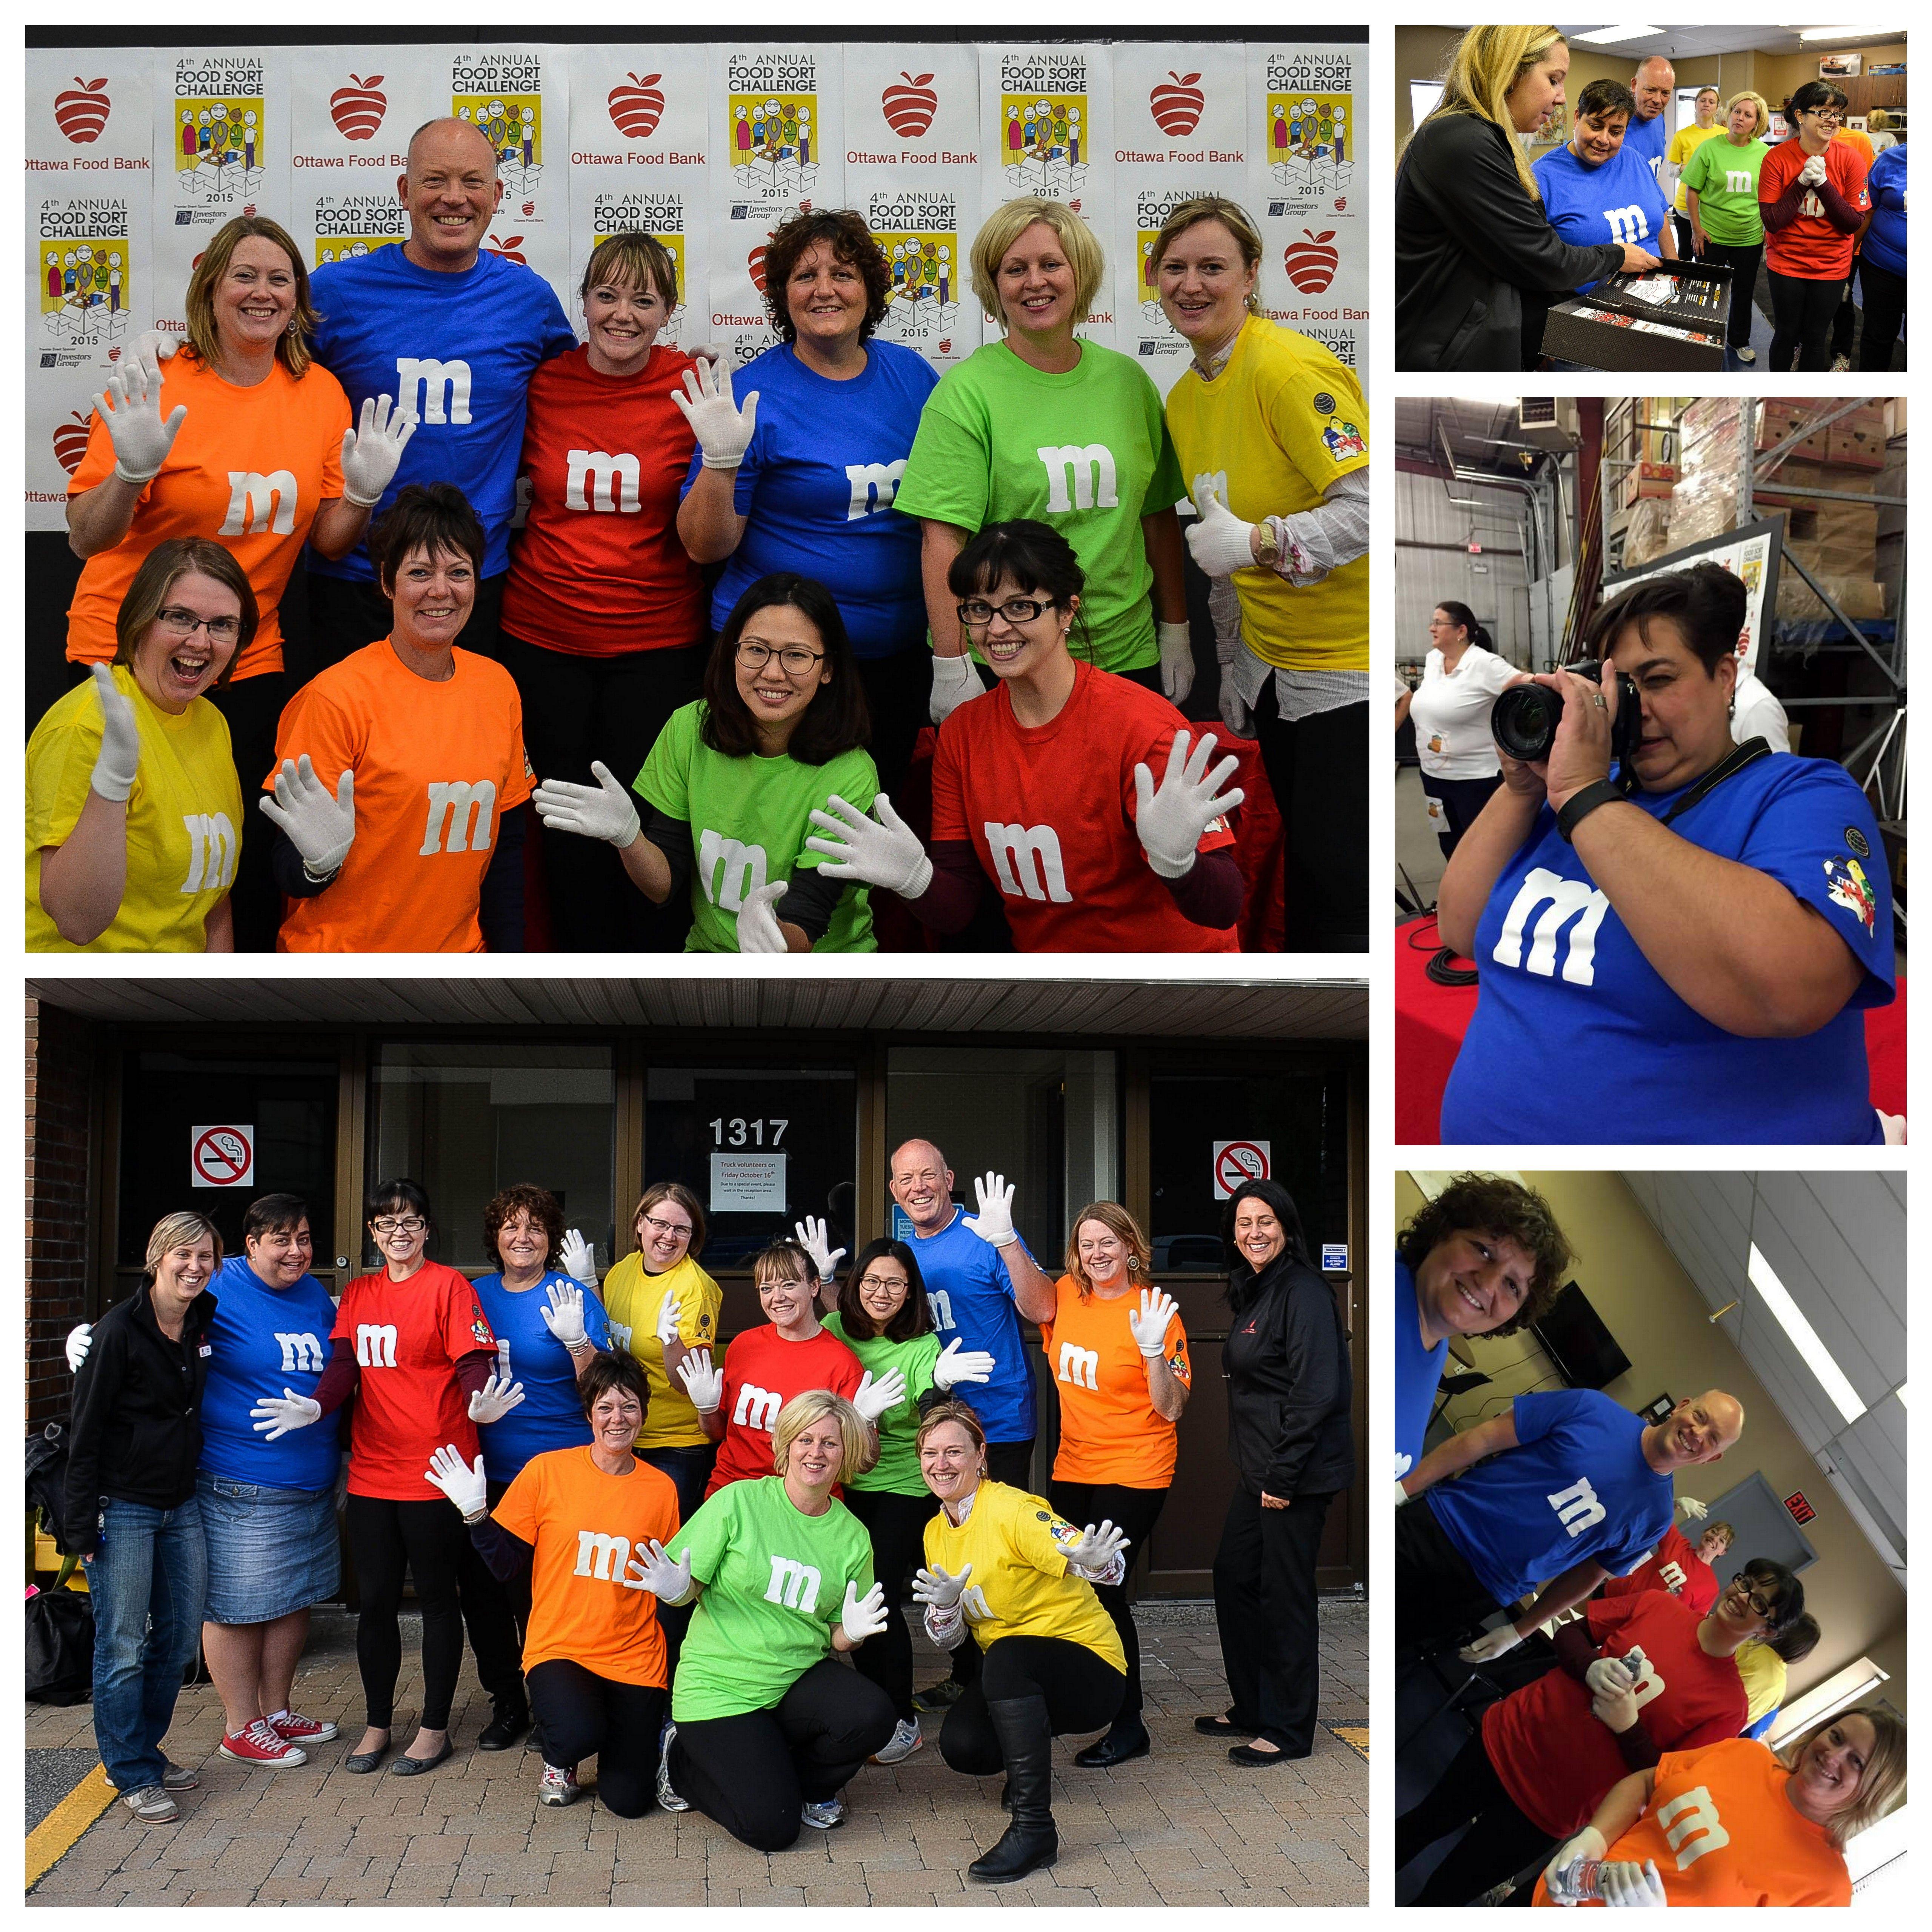 Ottawa Food Bank Food Sort Challenge @mpiottawa #mpiottawa #givetime #mandms #colourfulvolunteers